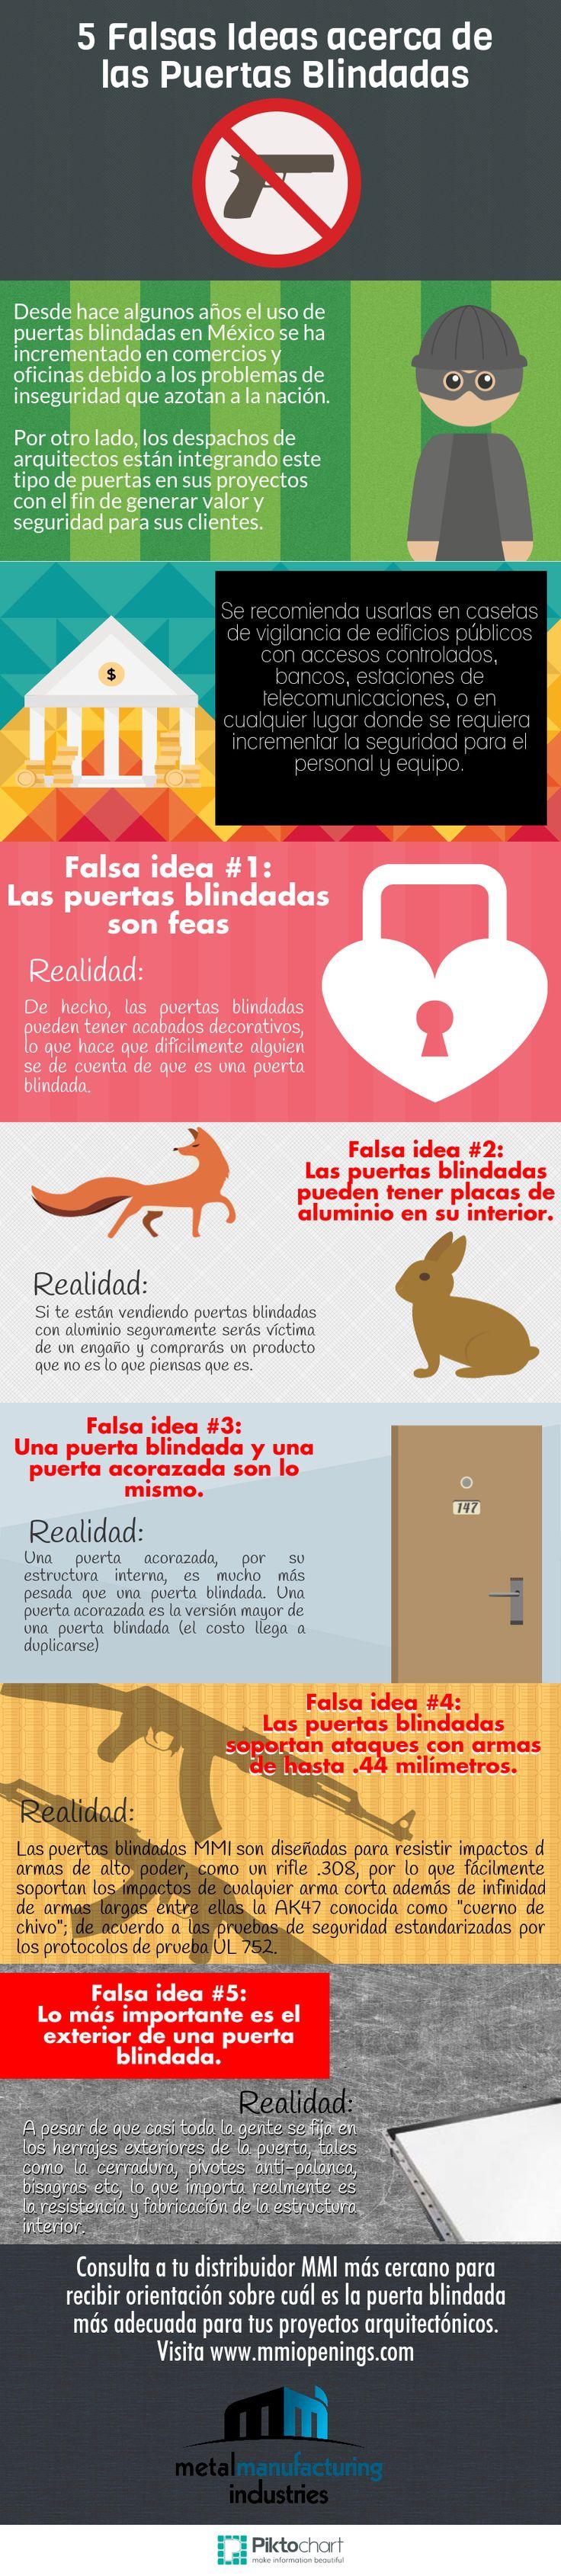 Infografía que explora 5 falsas ideas acerca de las puertas blindadas. ¡Descúbre la realidad!